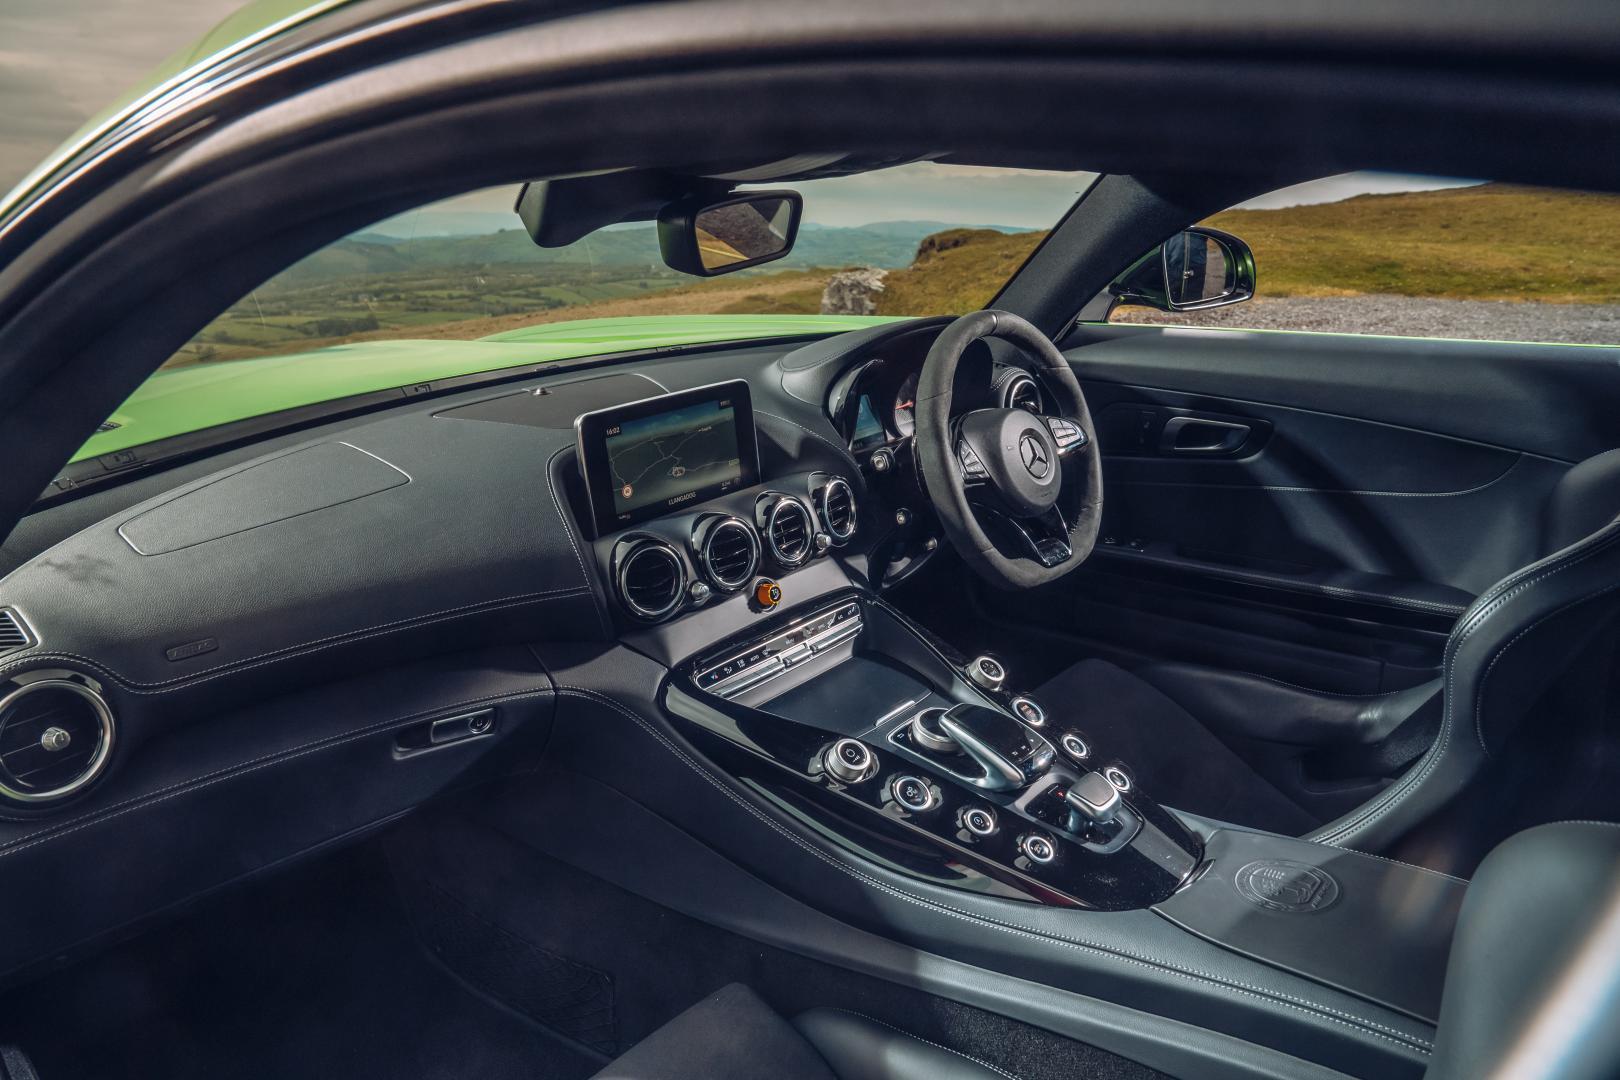 Mercedes-AMG GT R interieur